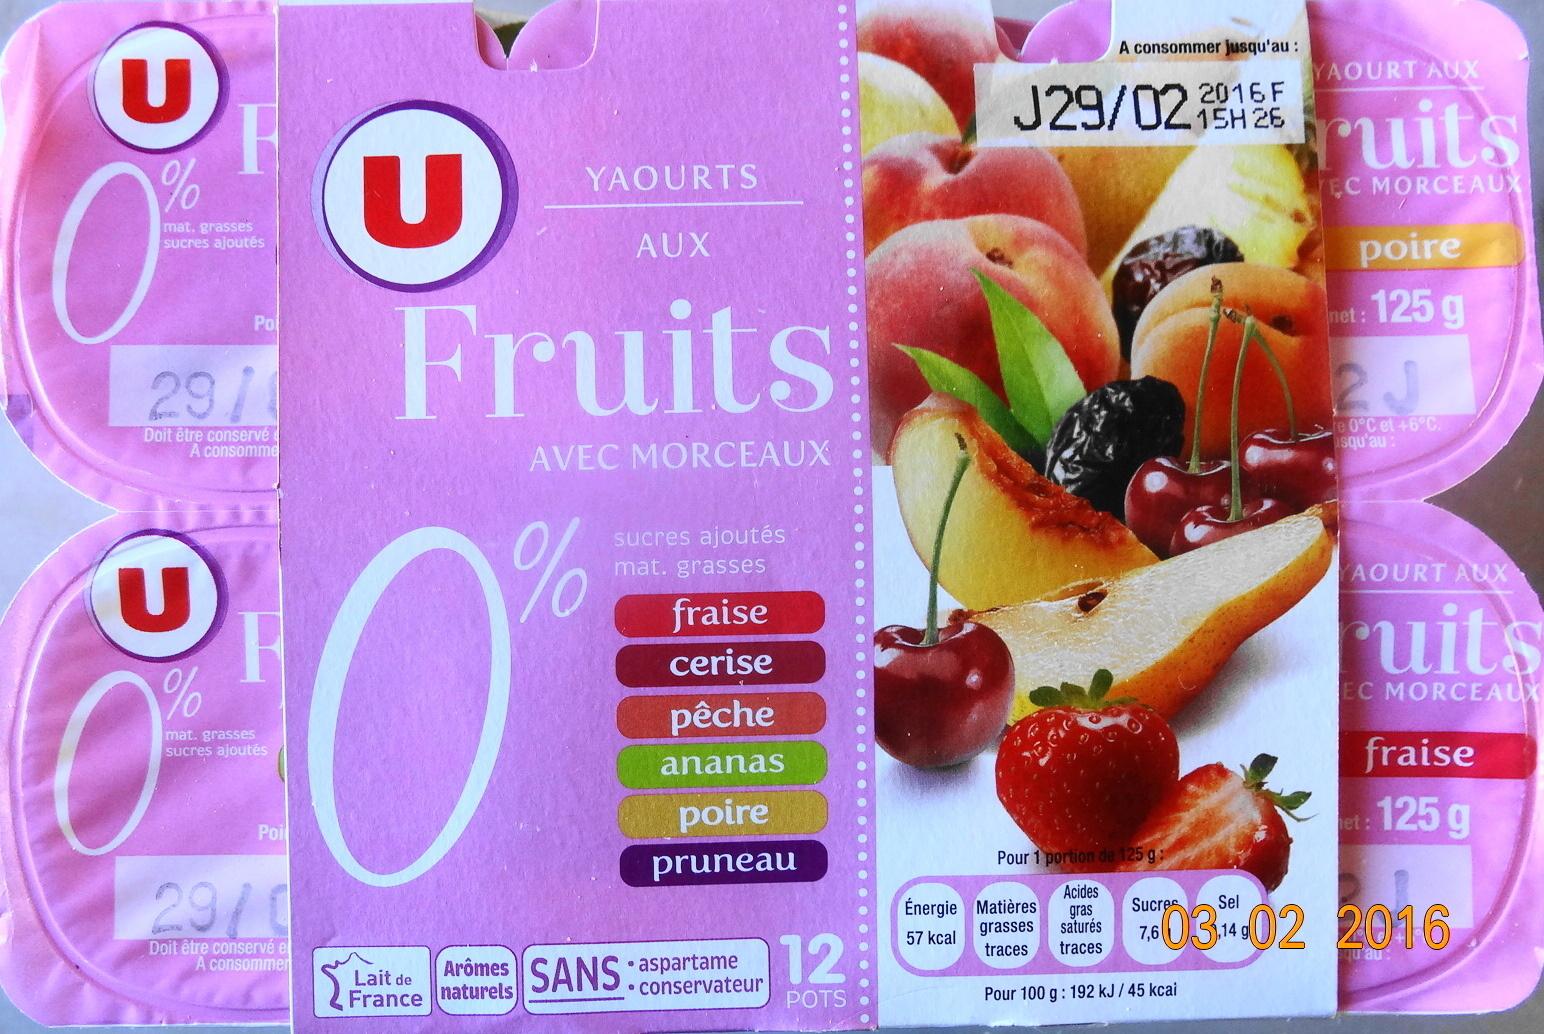 Yaourts 0% mg, aux fruits avec morceaux, fraise-ceris-pêche-ananas-poire-pruneau - Product